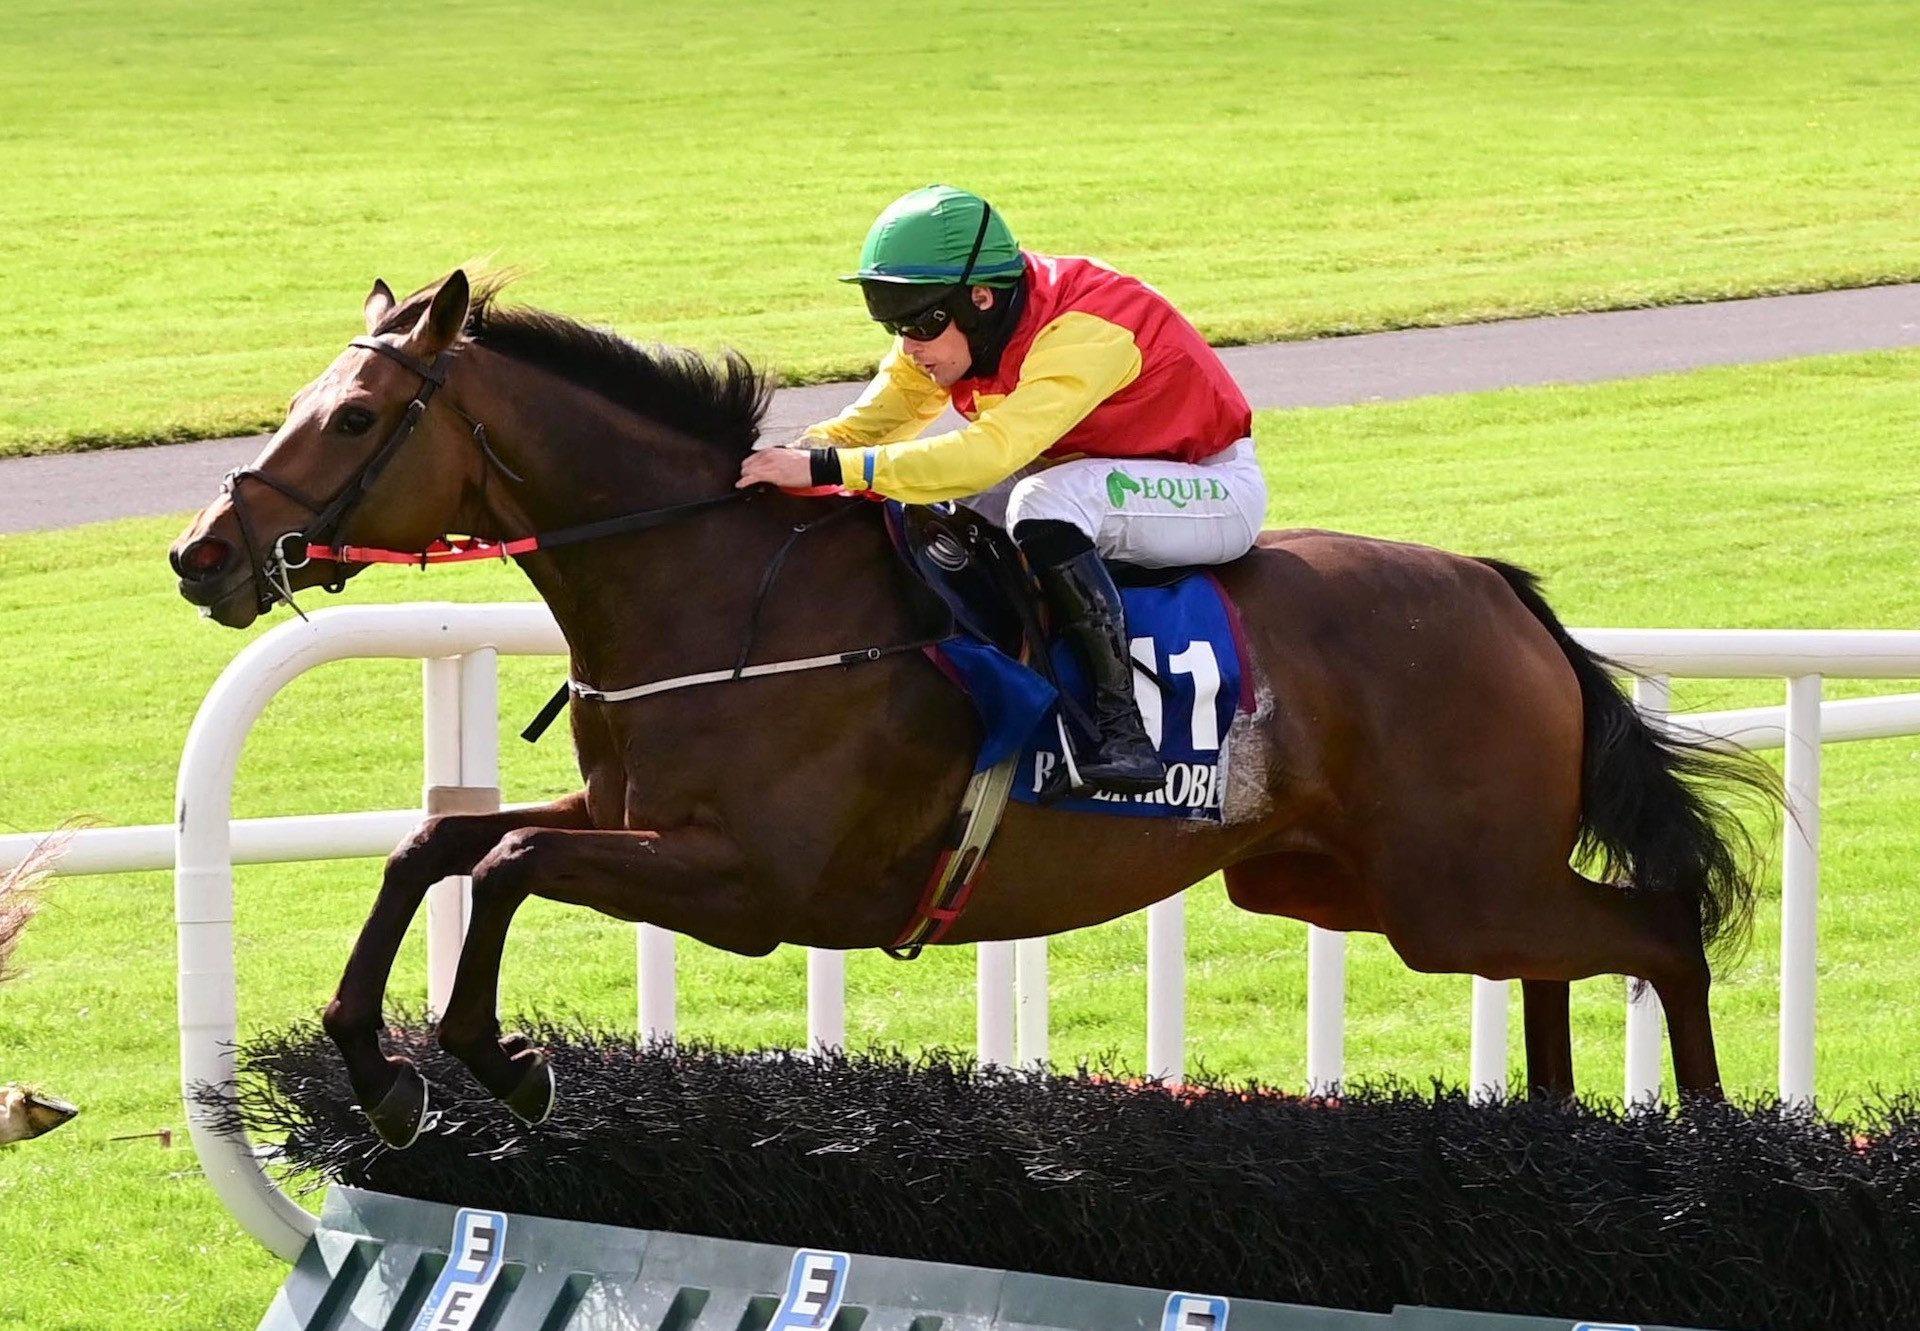 Calvados (Vadamos) Wins The 3YO Maiden Hurdle At Ballinrobe